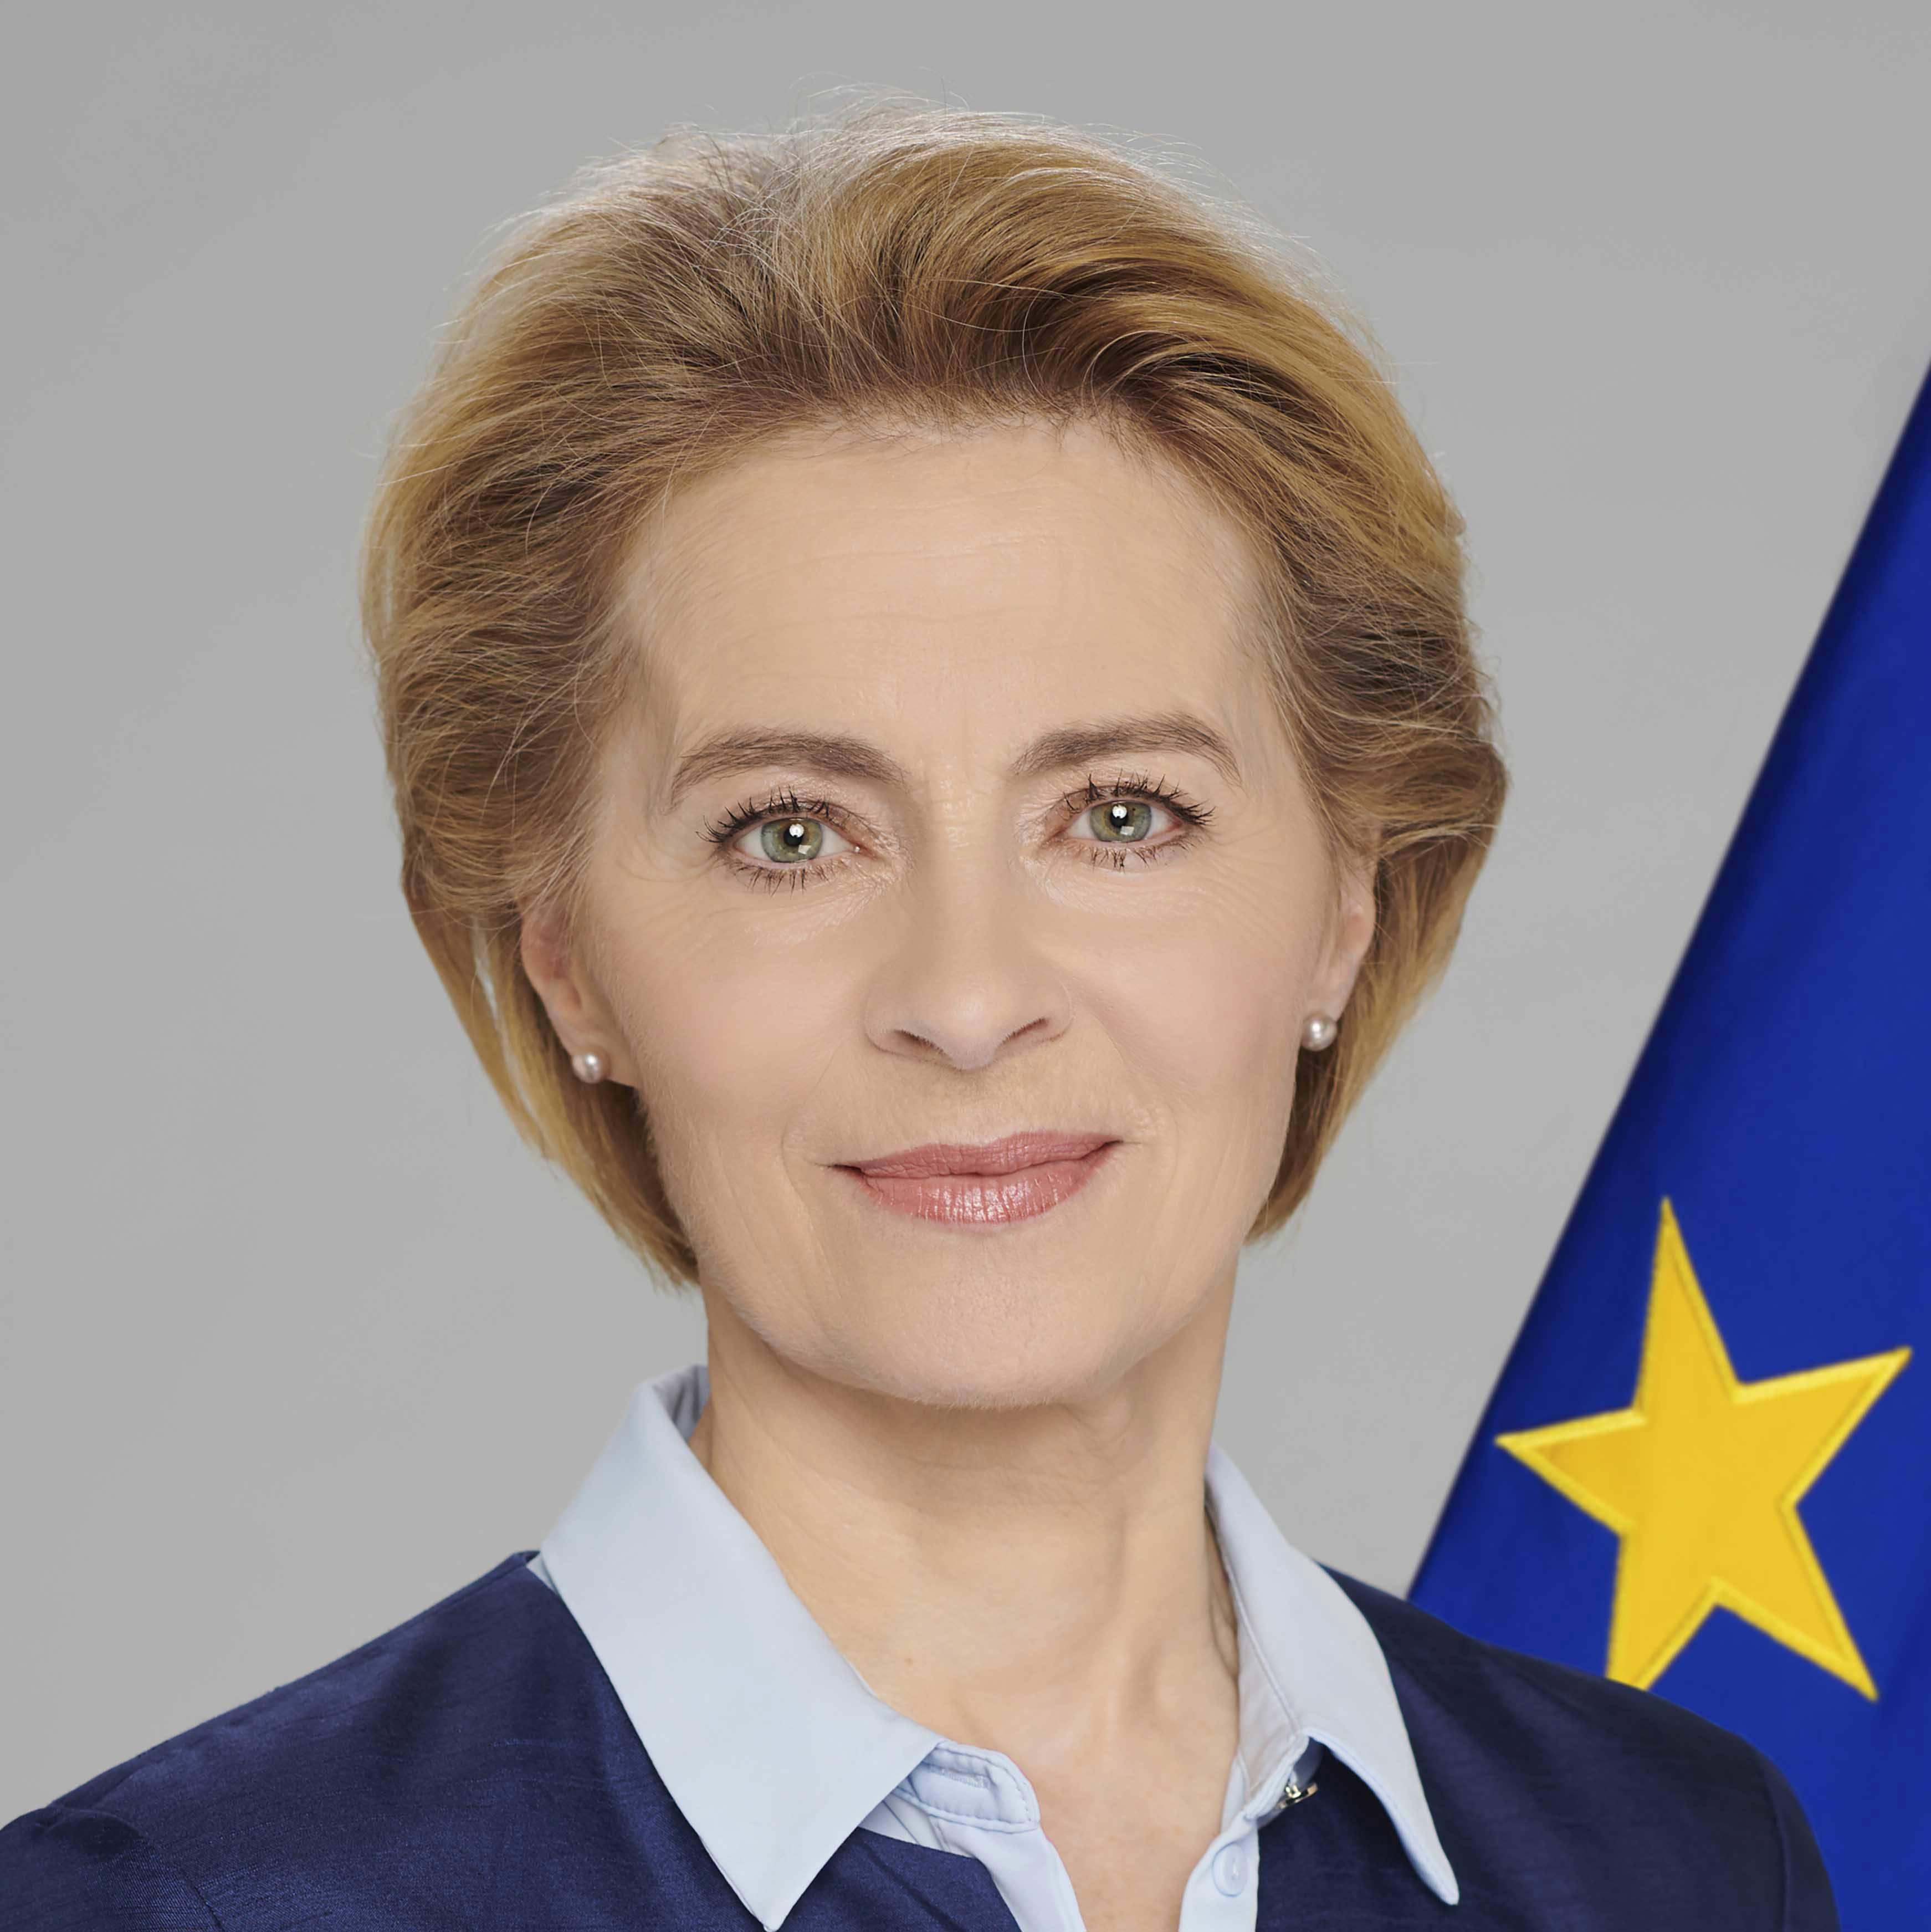 Photo of Ursula  von der Leyen